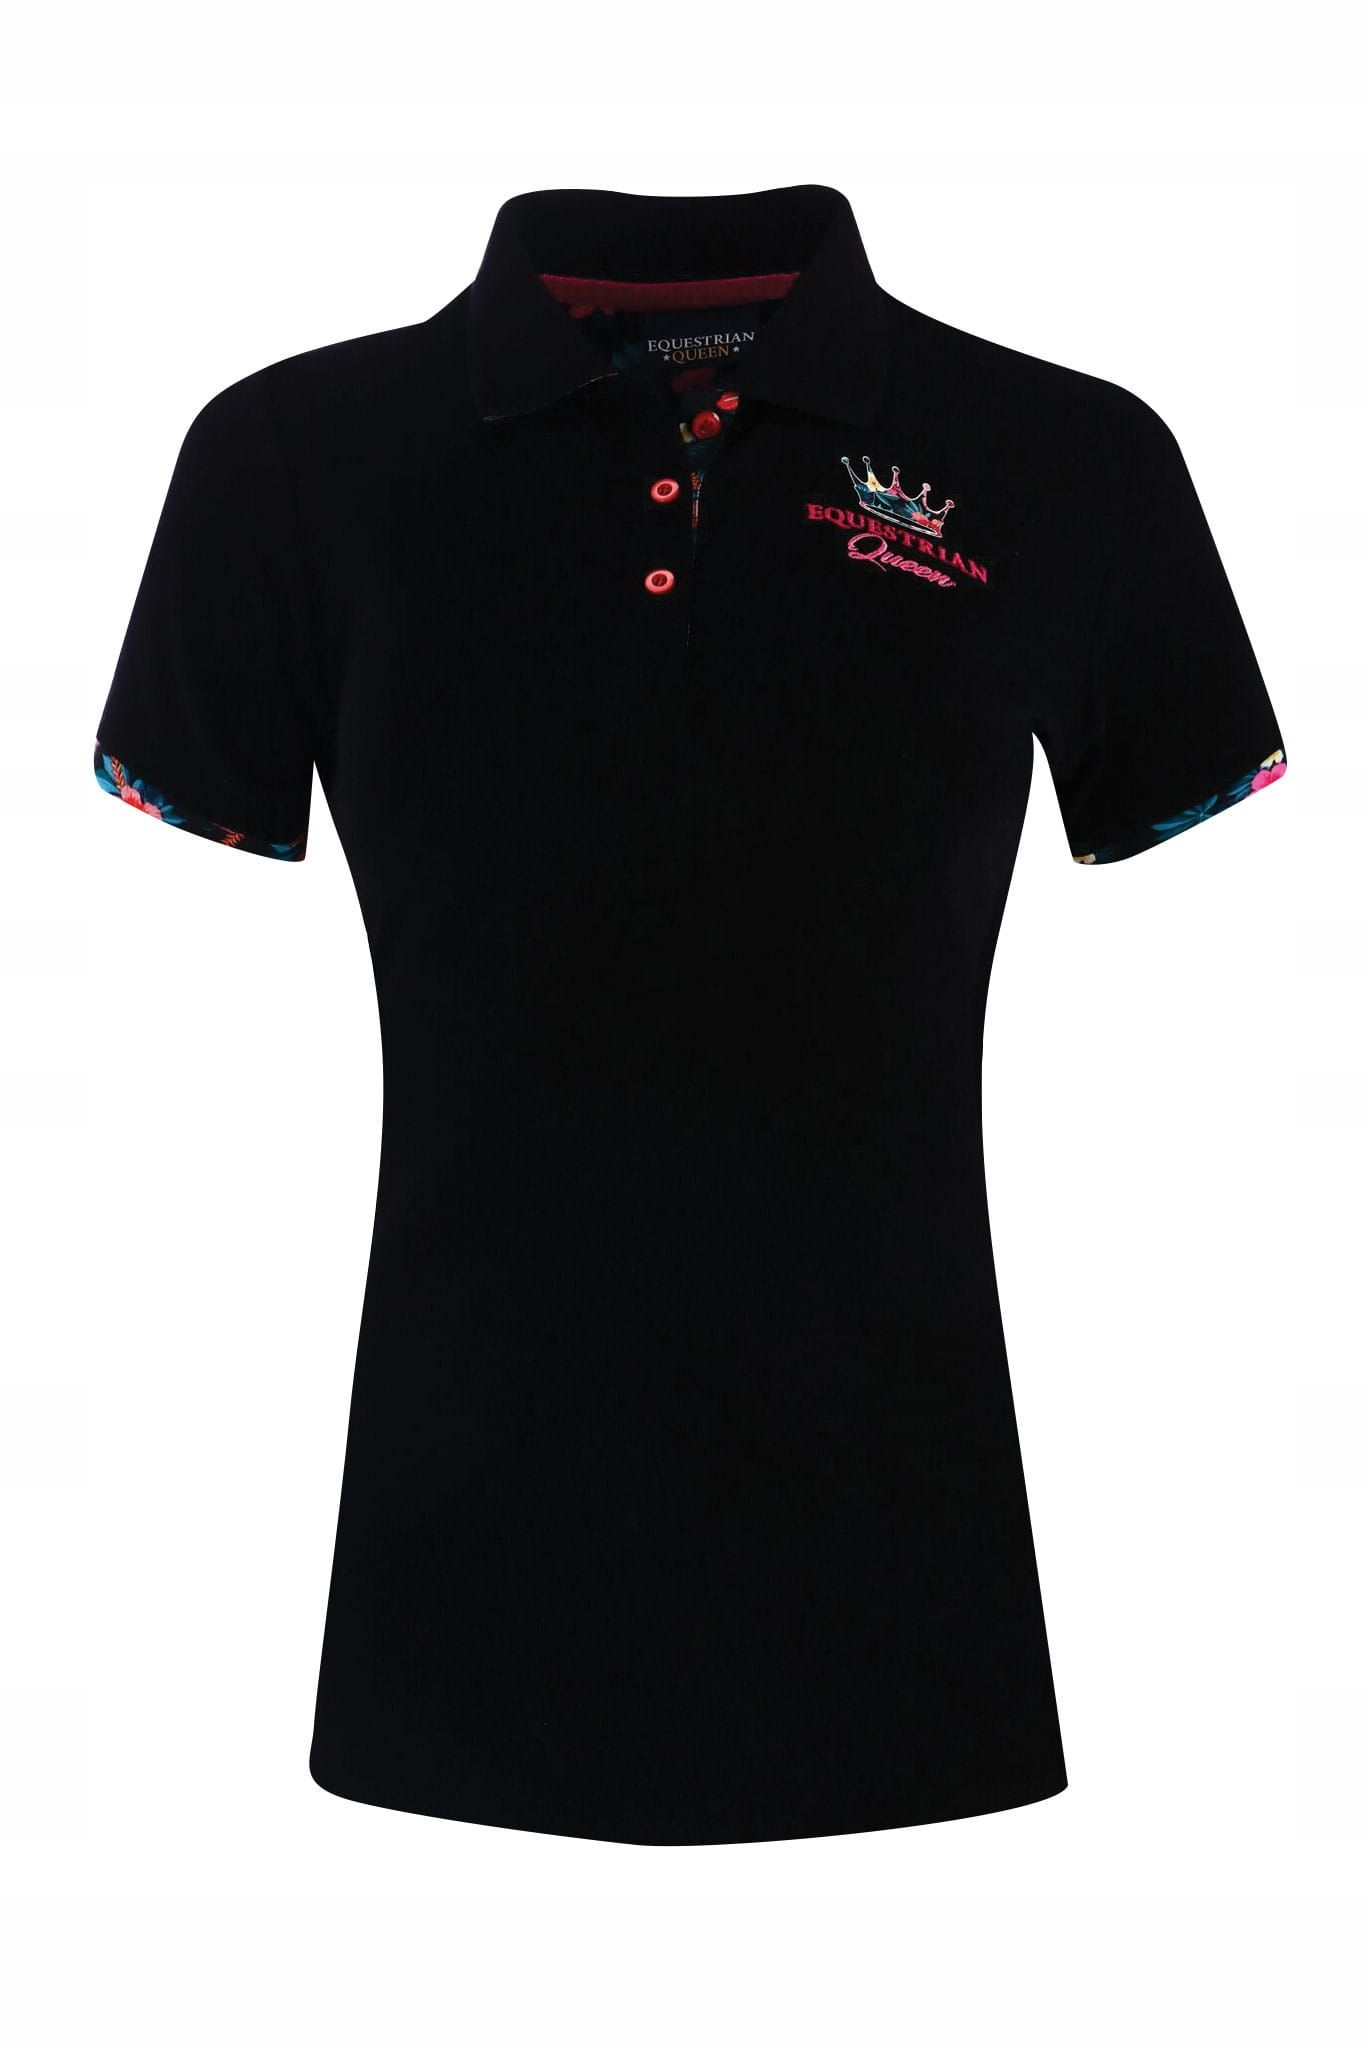 Tričko EQ.Queen Regina Dámska Čierna veľkosť XL